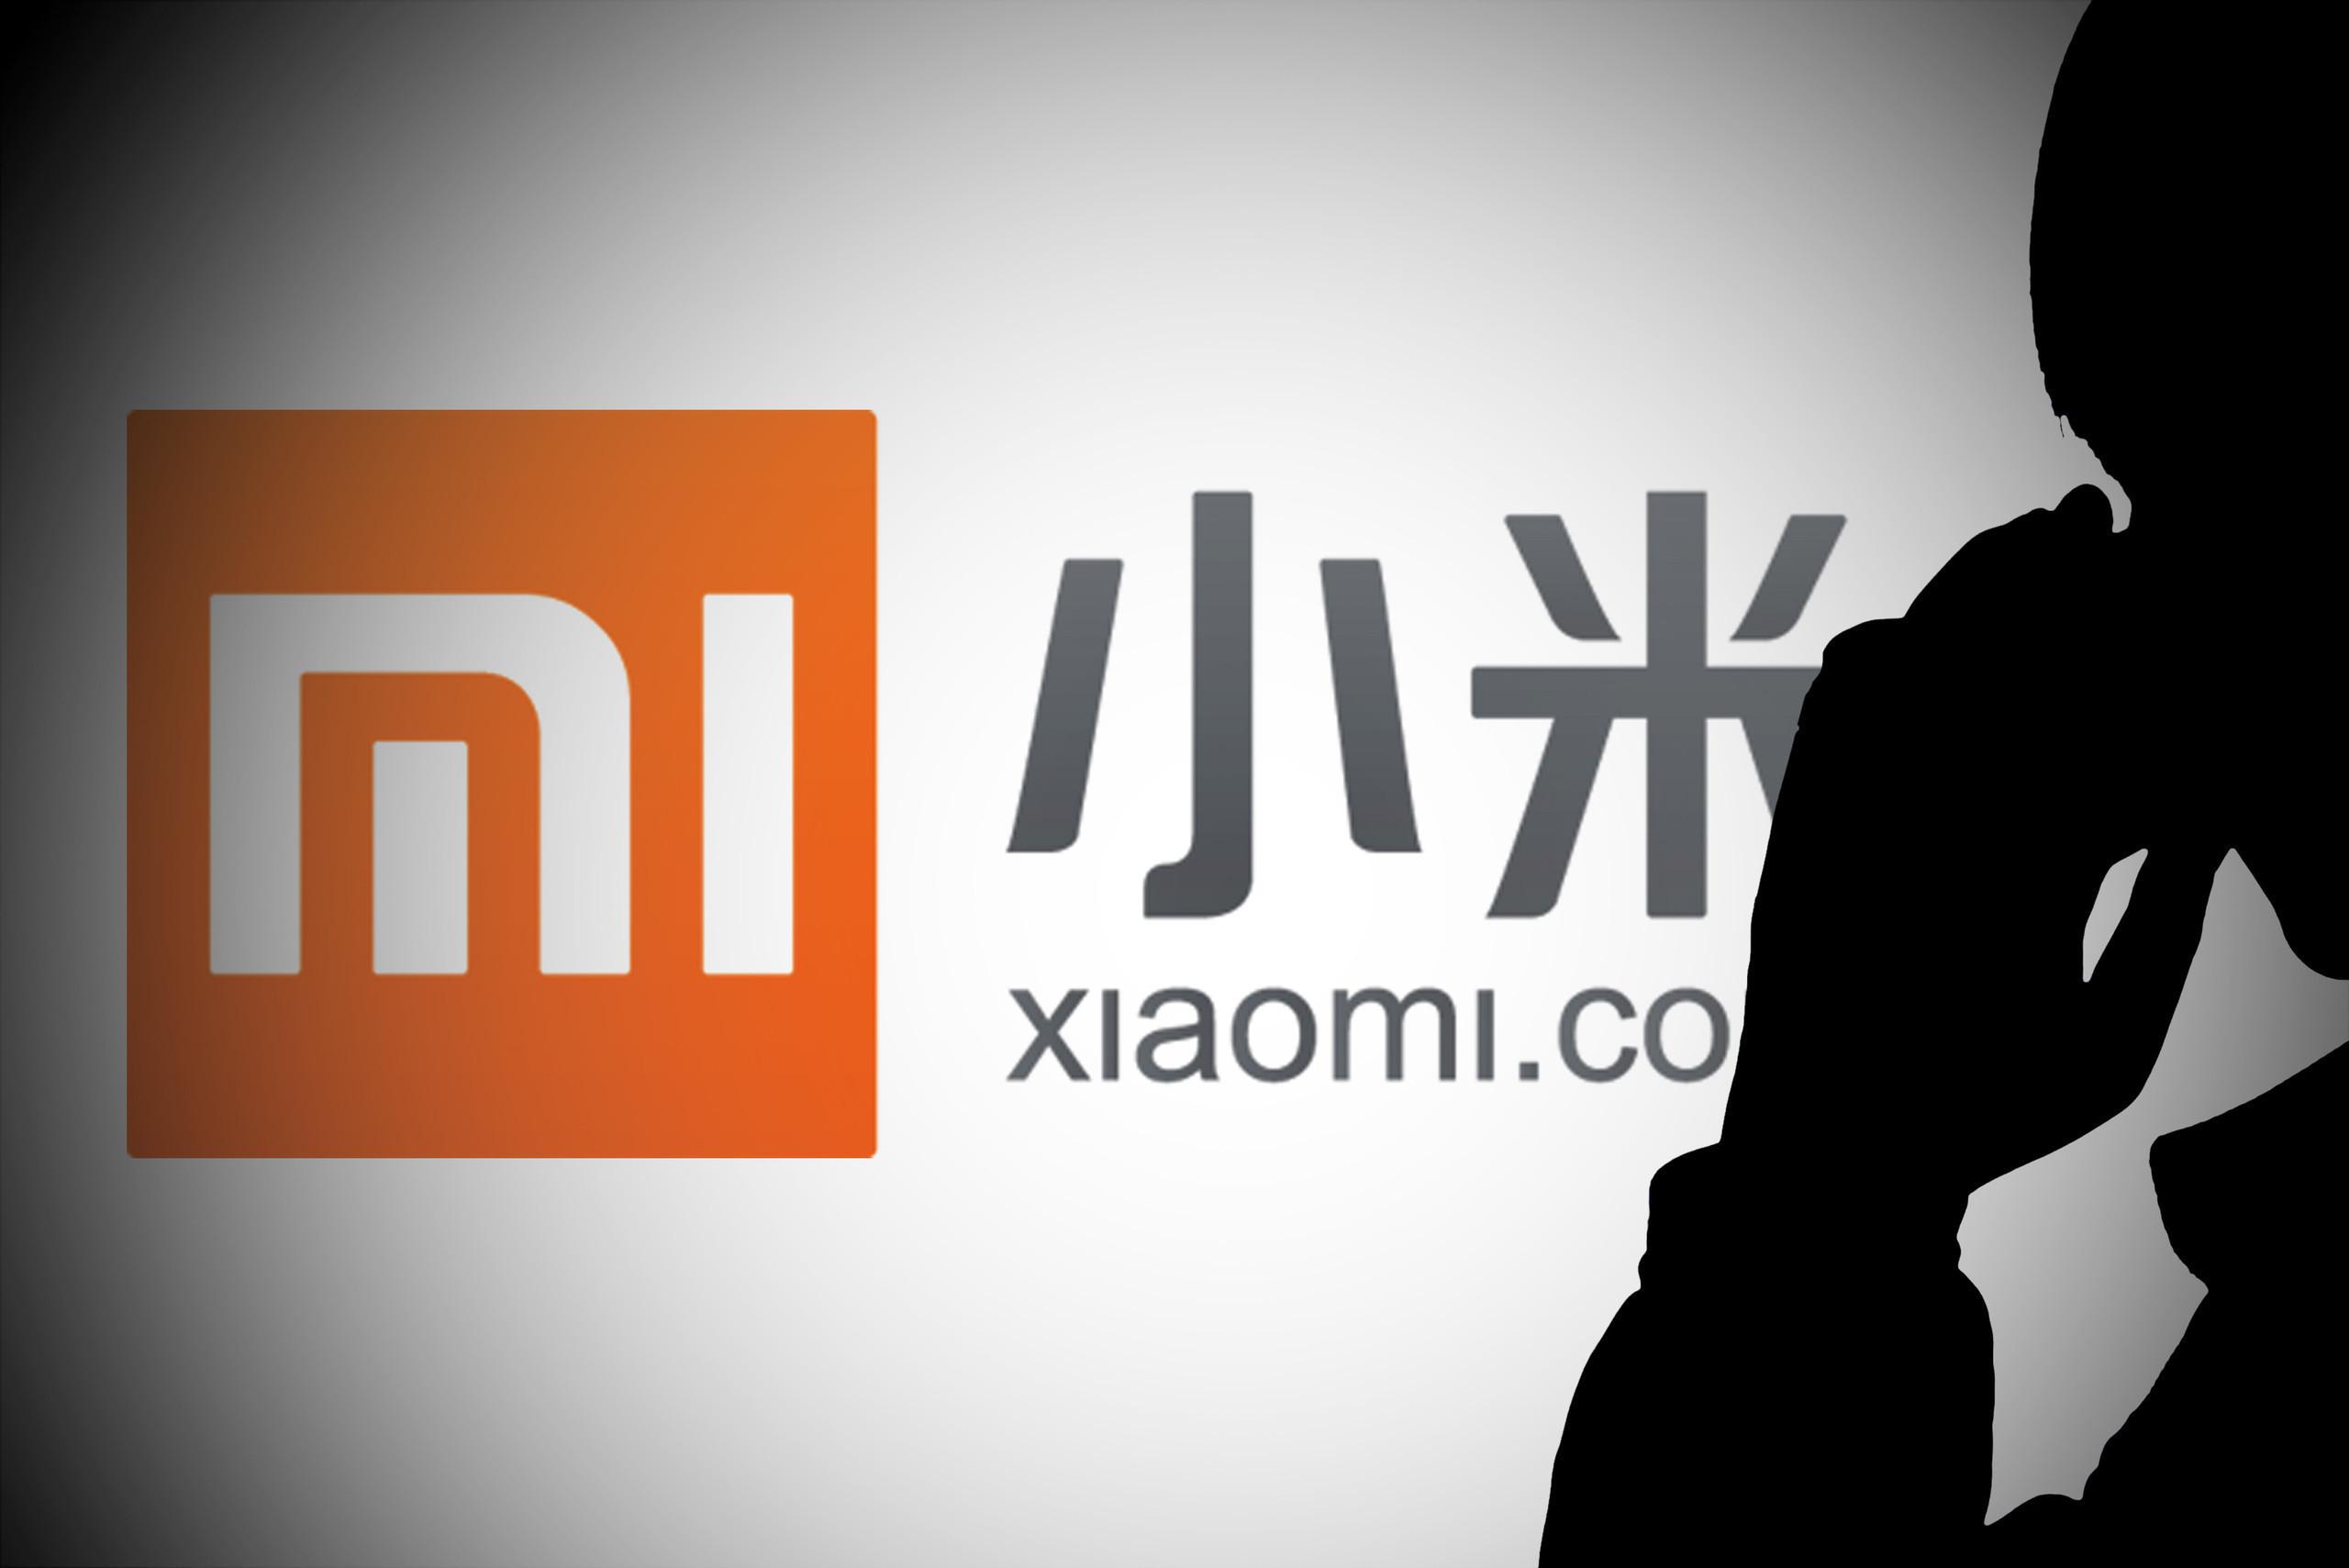 开源工具Kaldi之父将出任小米首席语音科学家